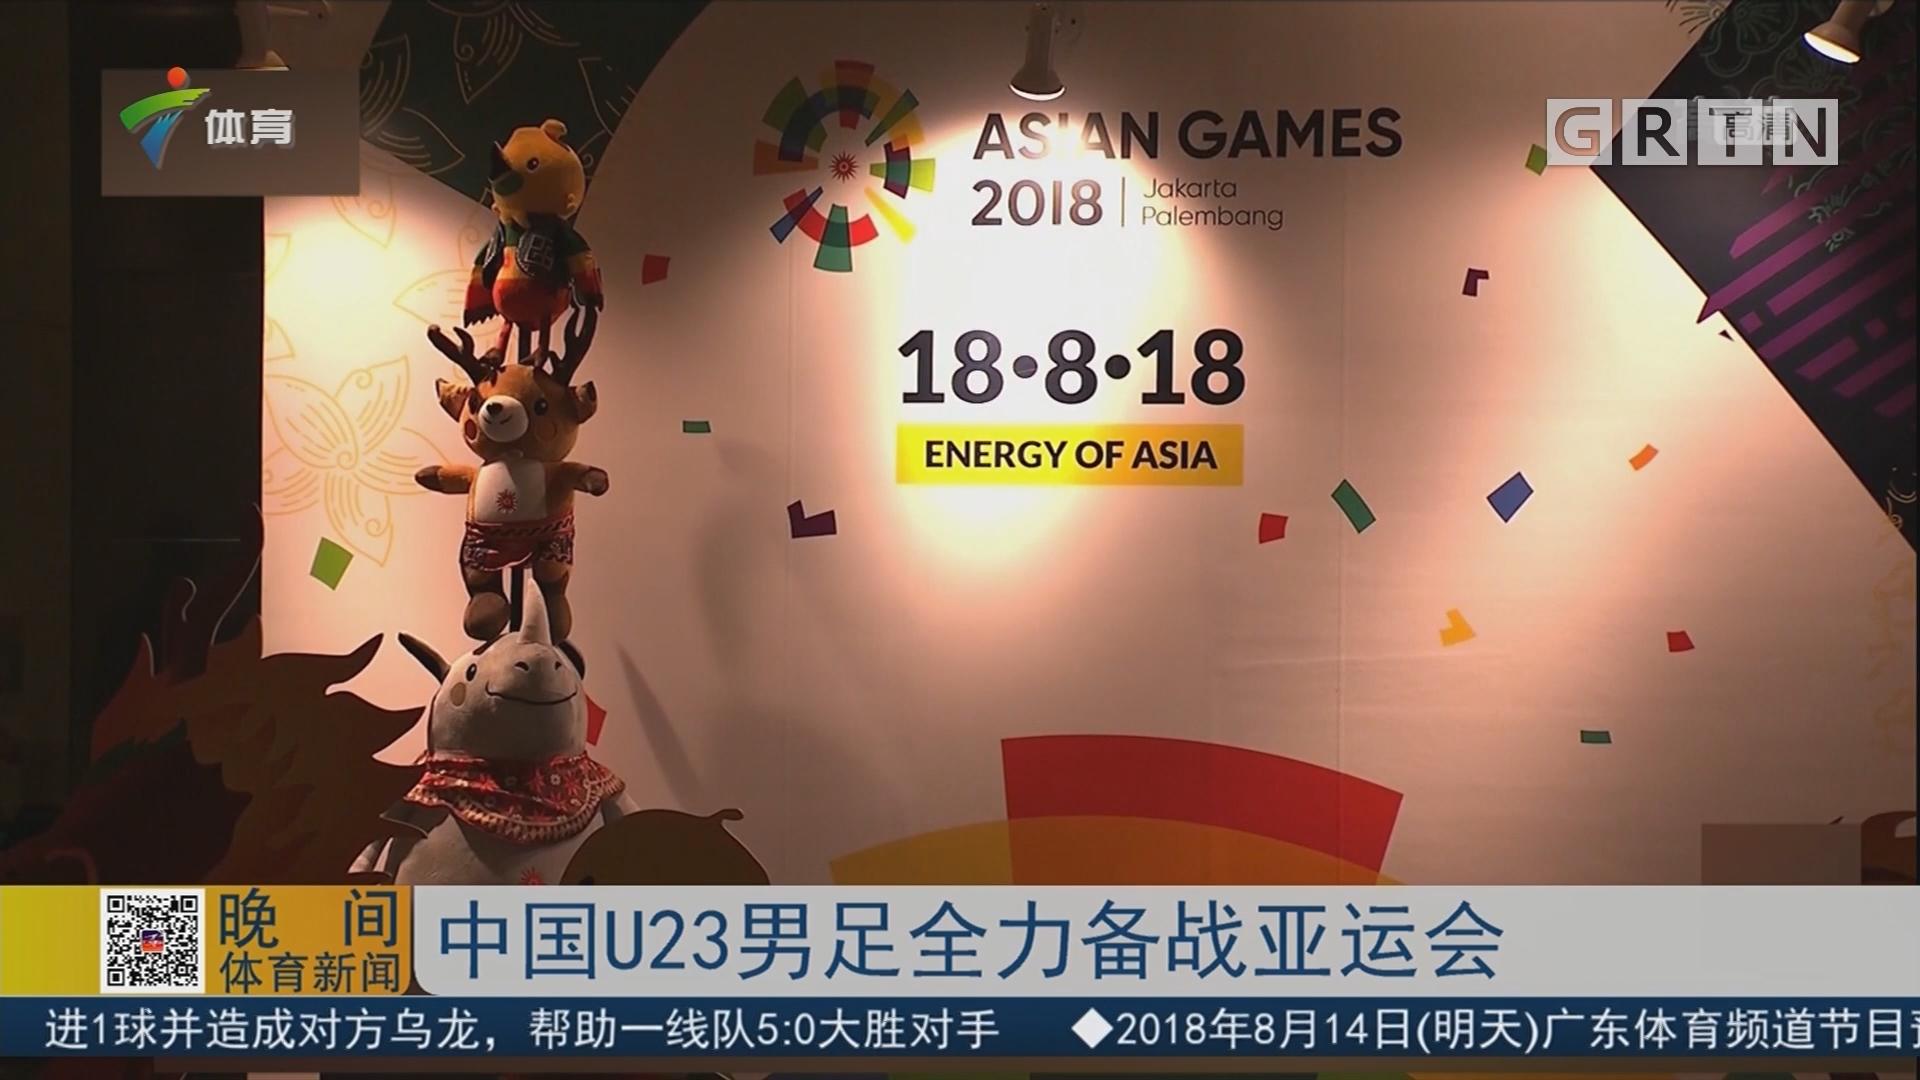 中国U23男足全力备战亚运会